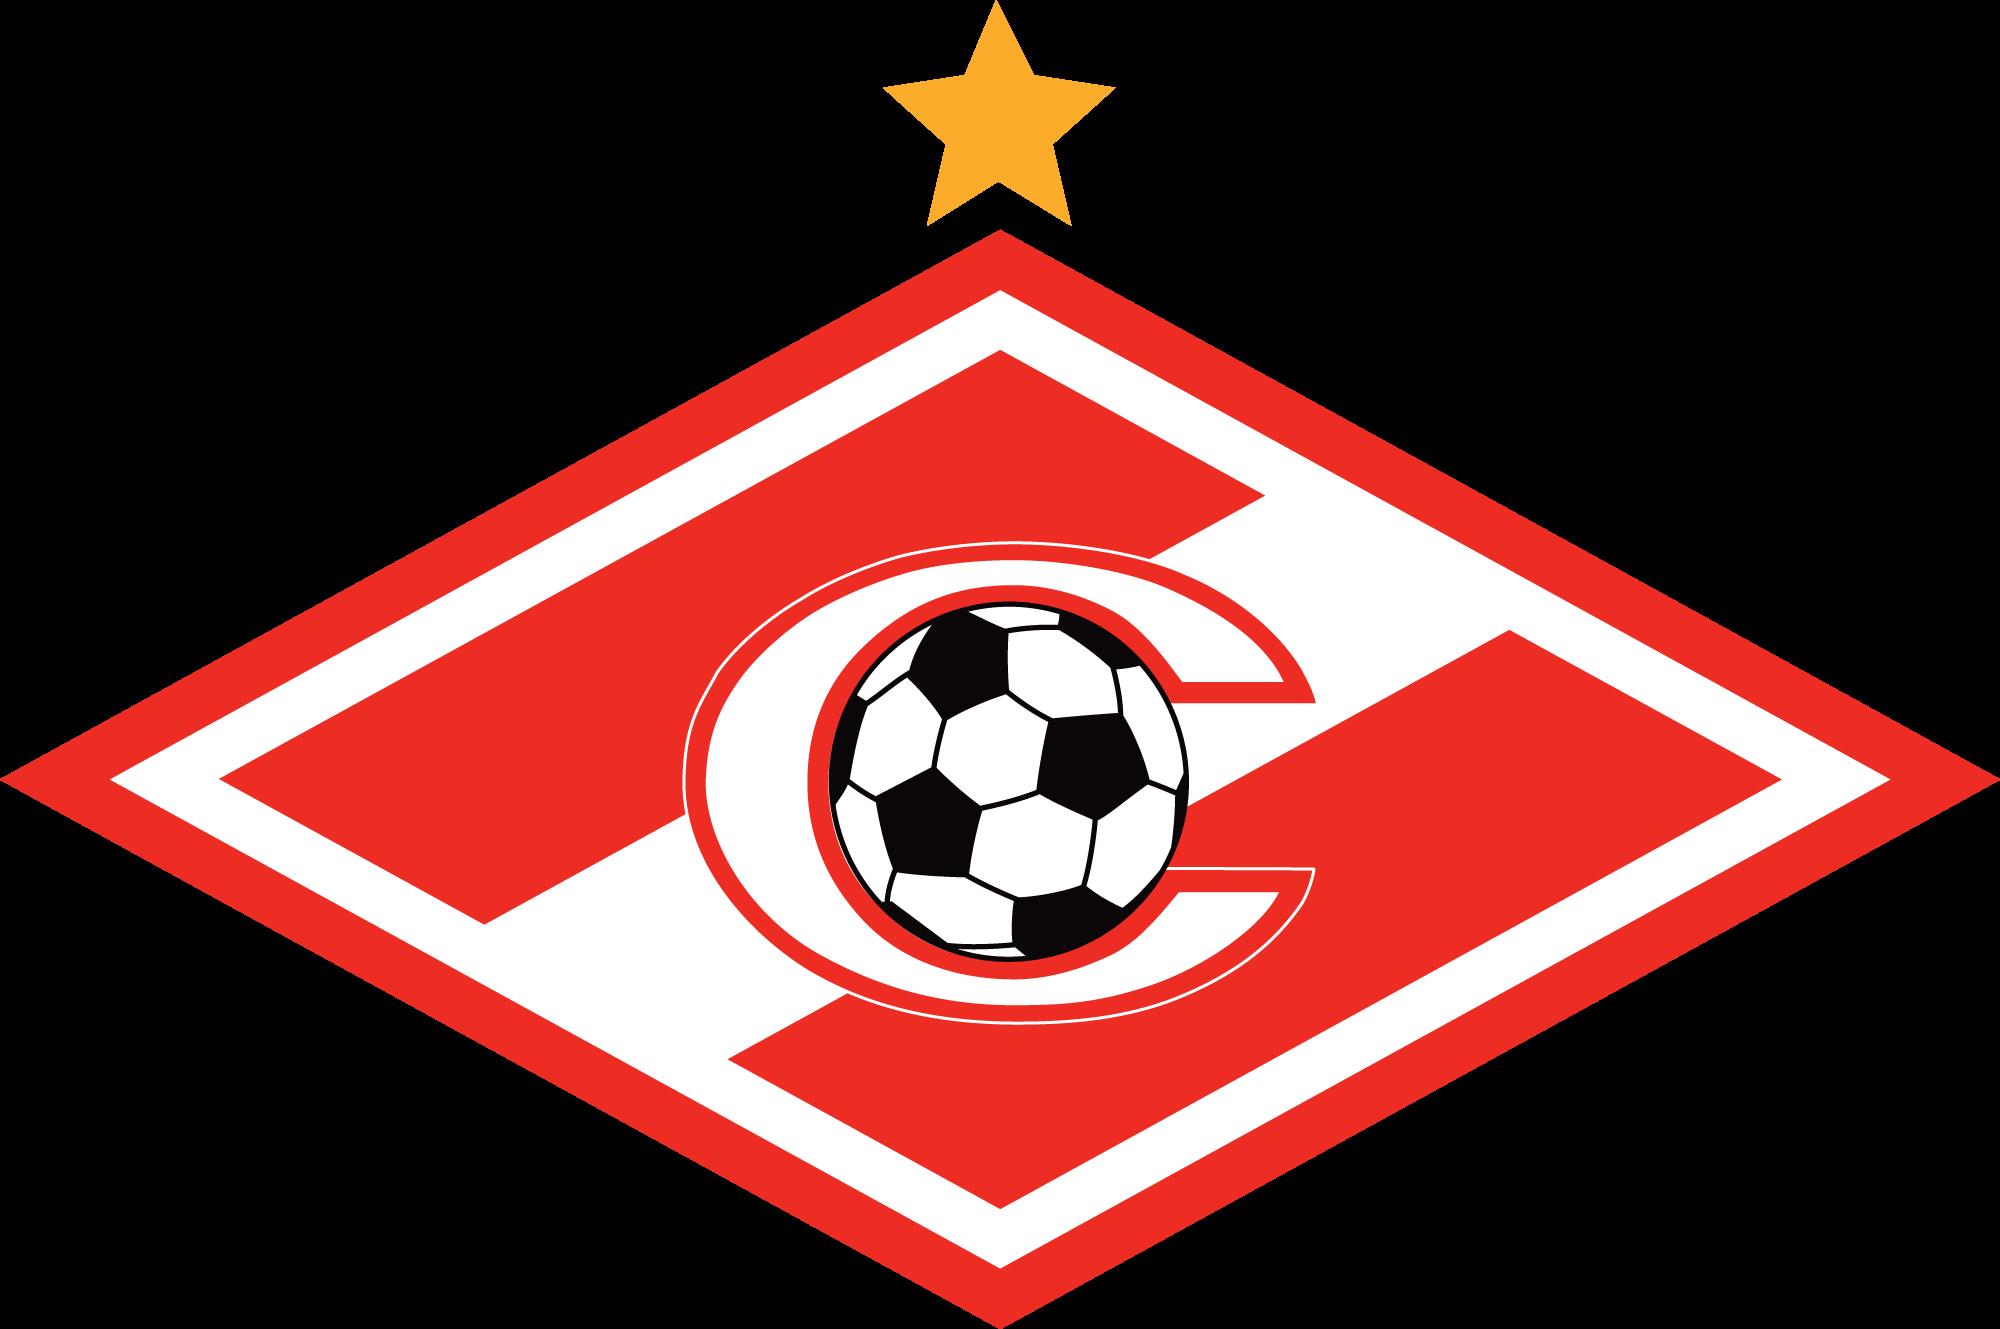 скачать логотип футбольного клуба